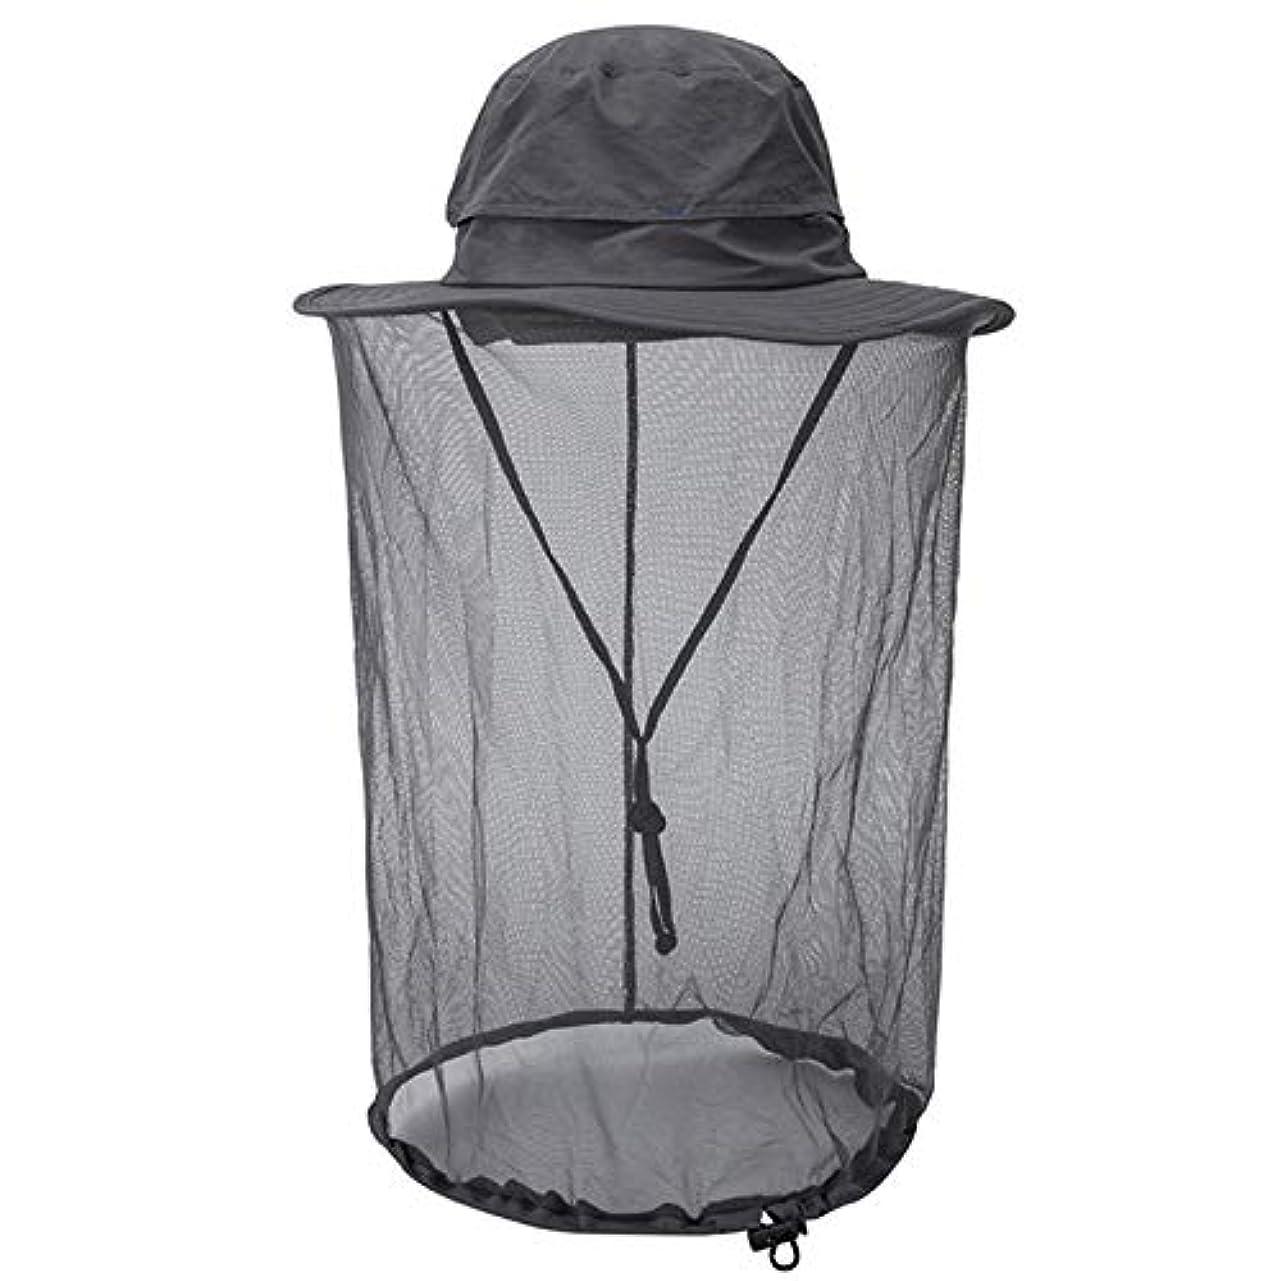 中央値ケージフライト虫除けネット 帽子 防虫ネット付き帽子 日よけ 虫除け UVカット 紫外線対策 カット 帽子 つば広 ガーデニング 農作業 ハイキング アウトドア